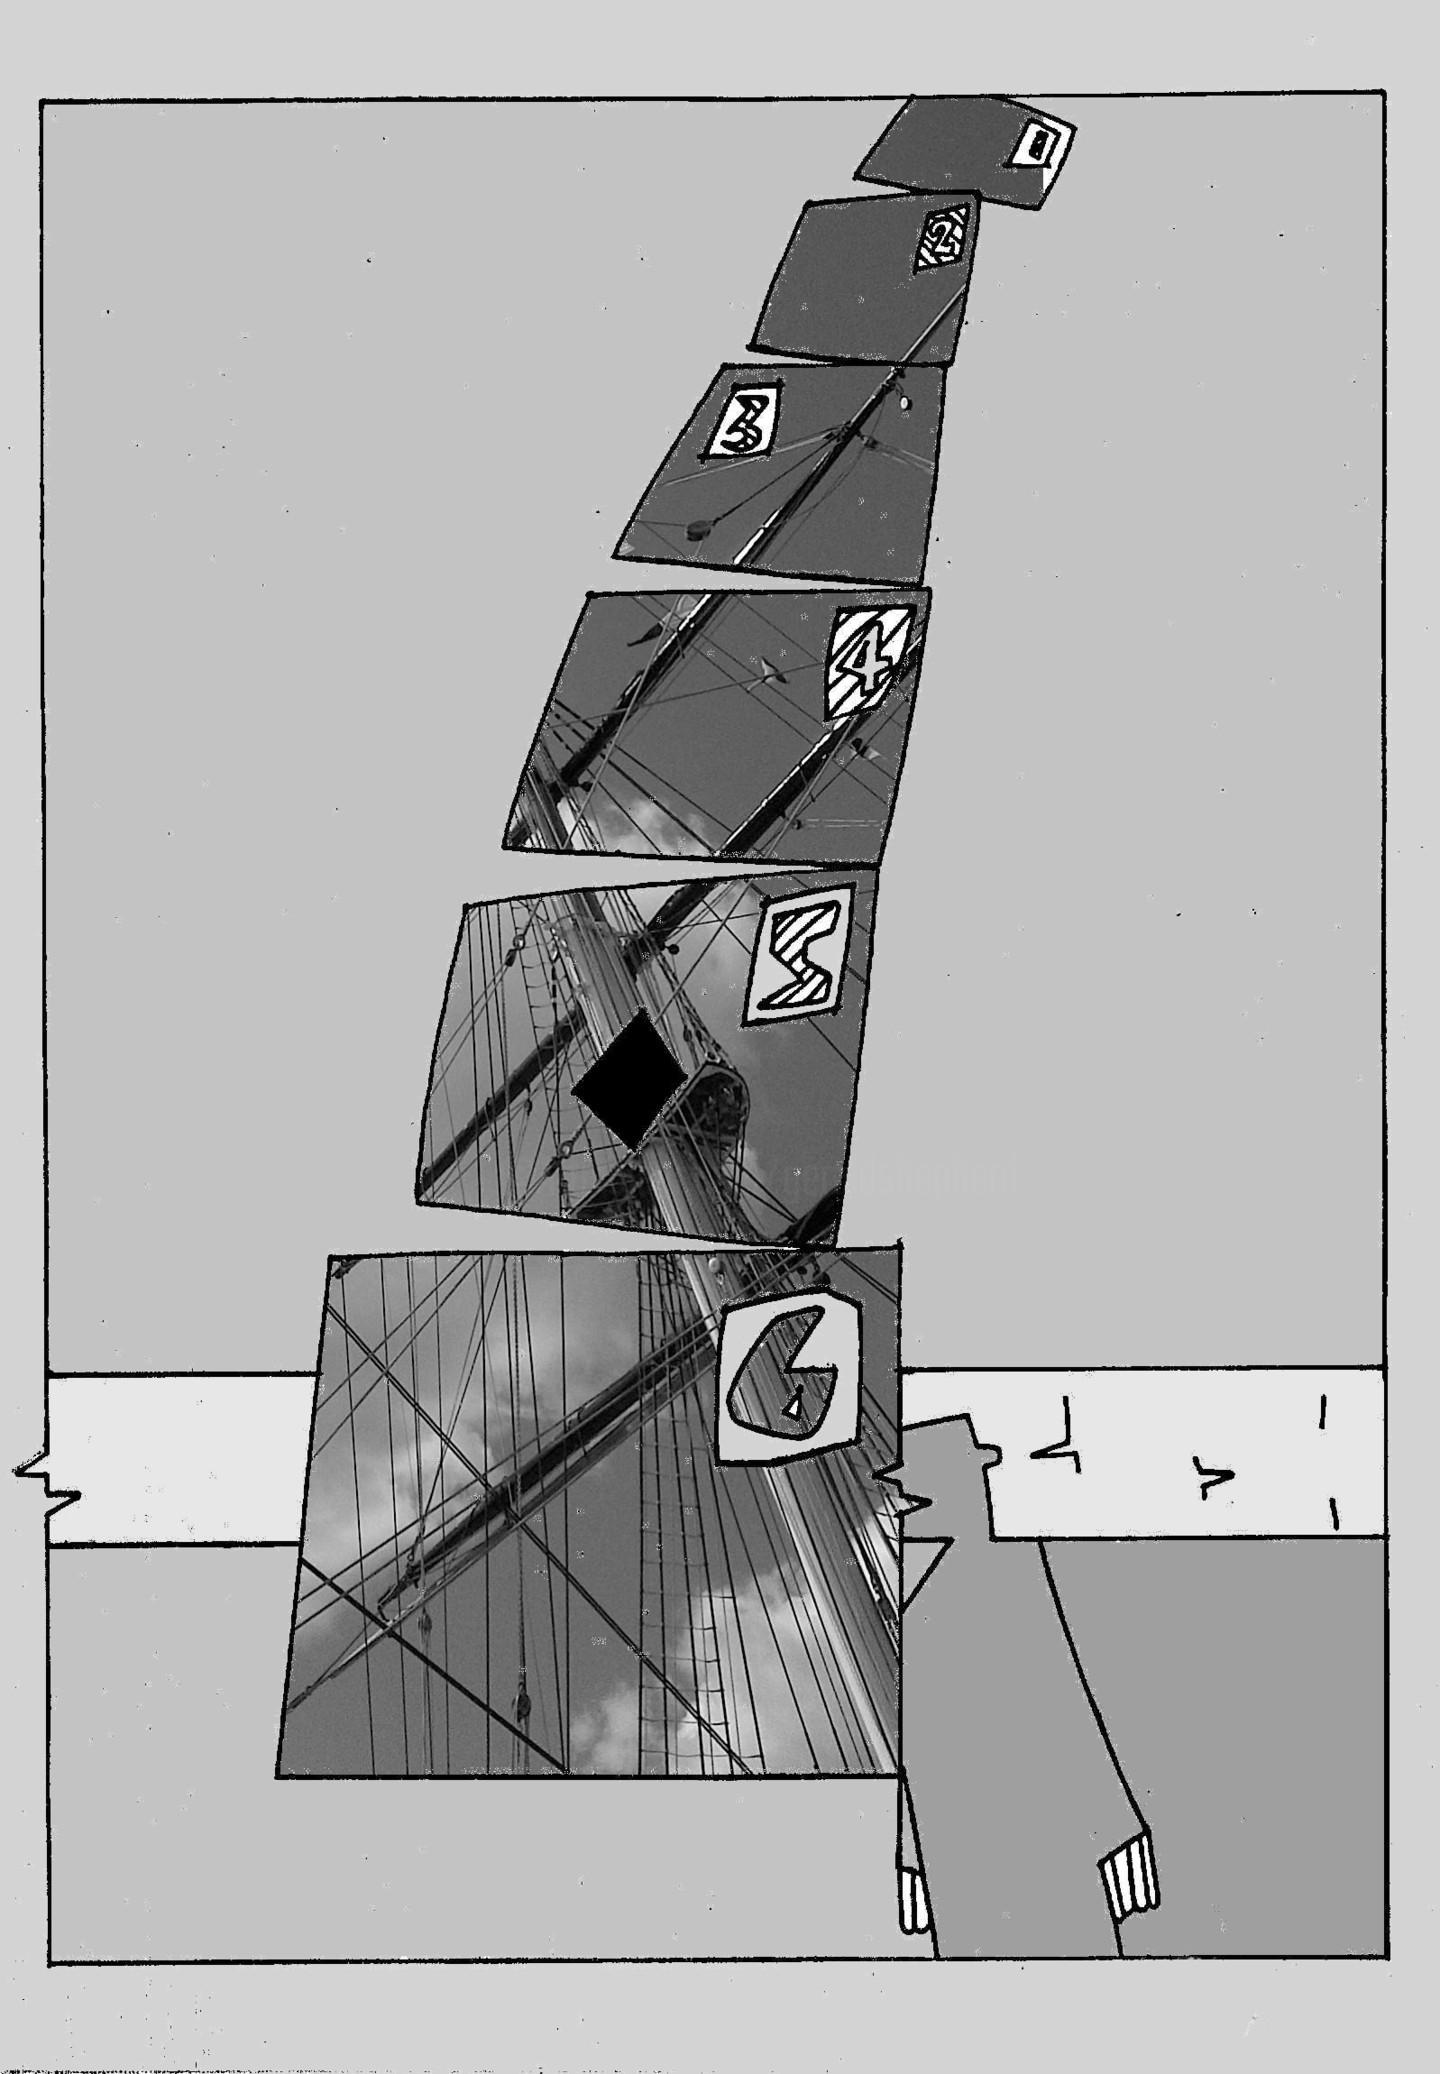 Gerald Shepherd - The Mast